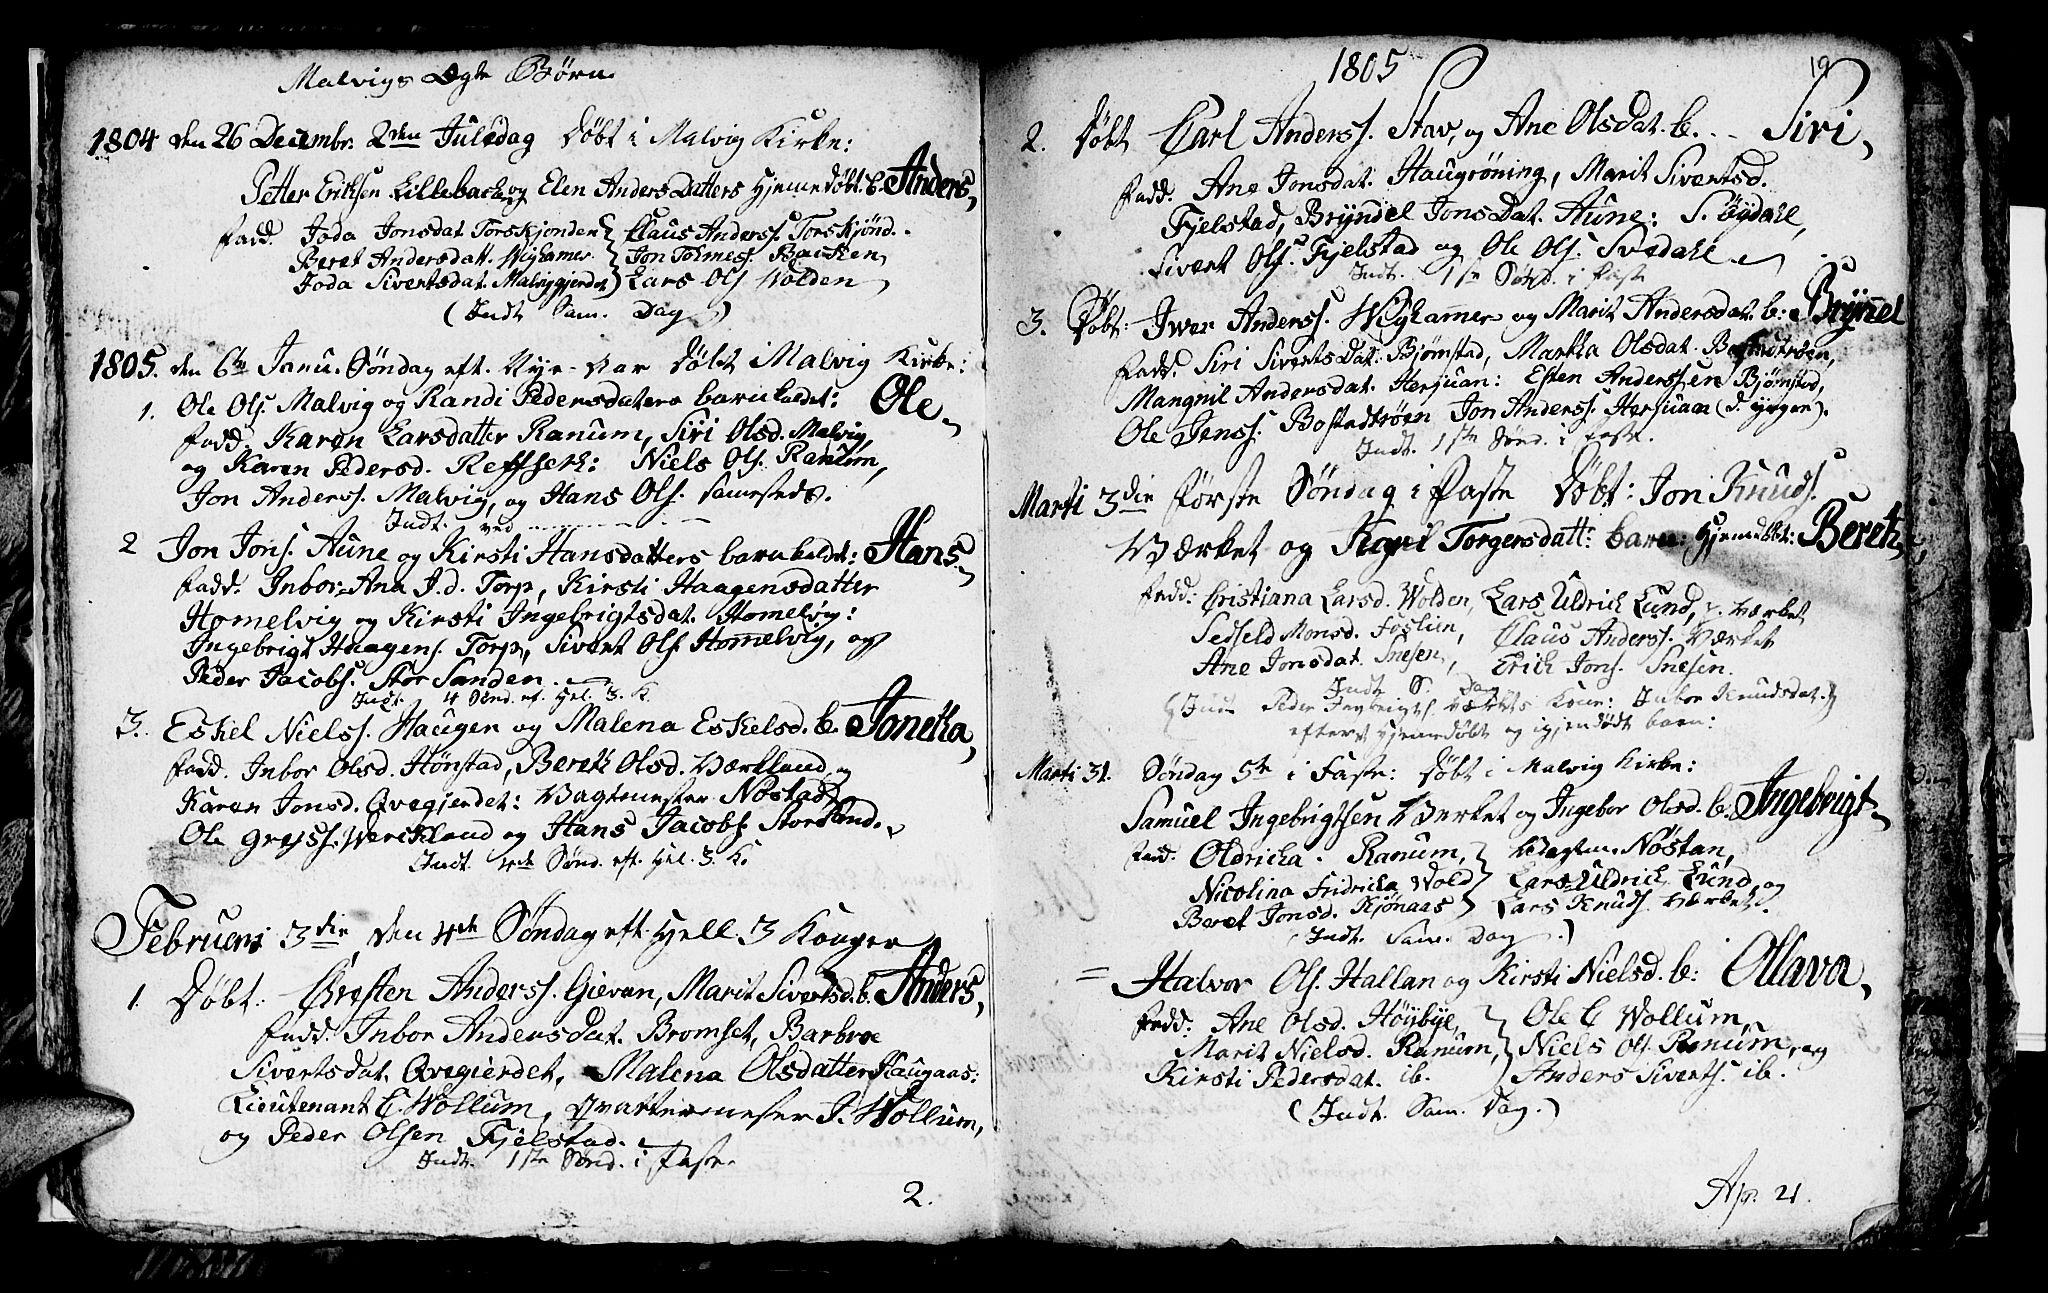 SAT, Ministerialprotokoller, klokkerbøker og fødselsregistre - Sør-Trøndelag, 616/L0419: Klokkerbok nr. 616C02, 1797-1816, s. 19